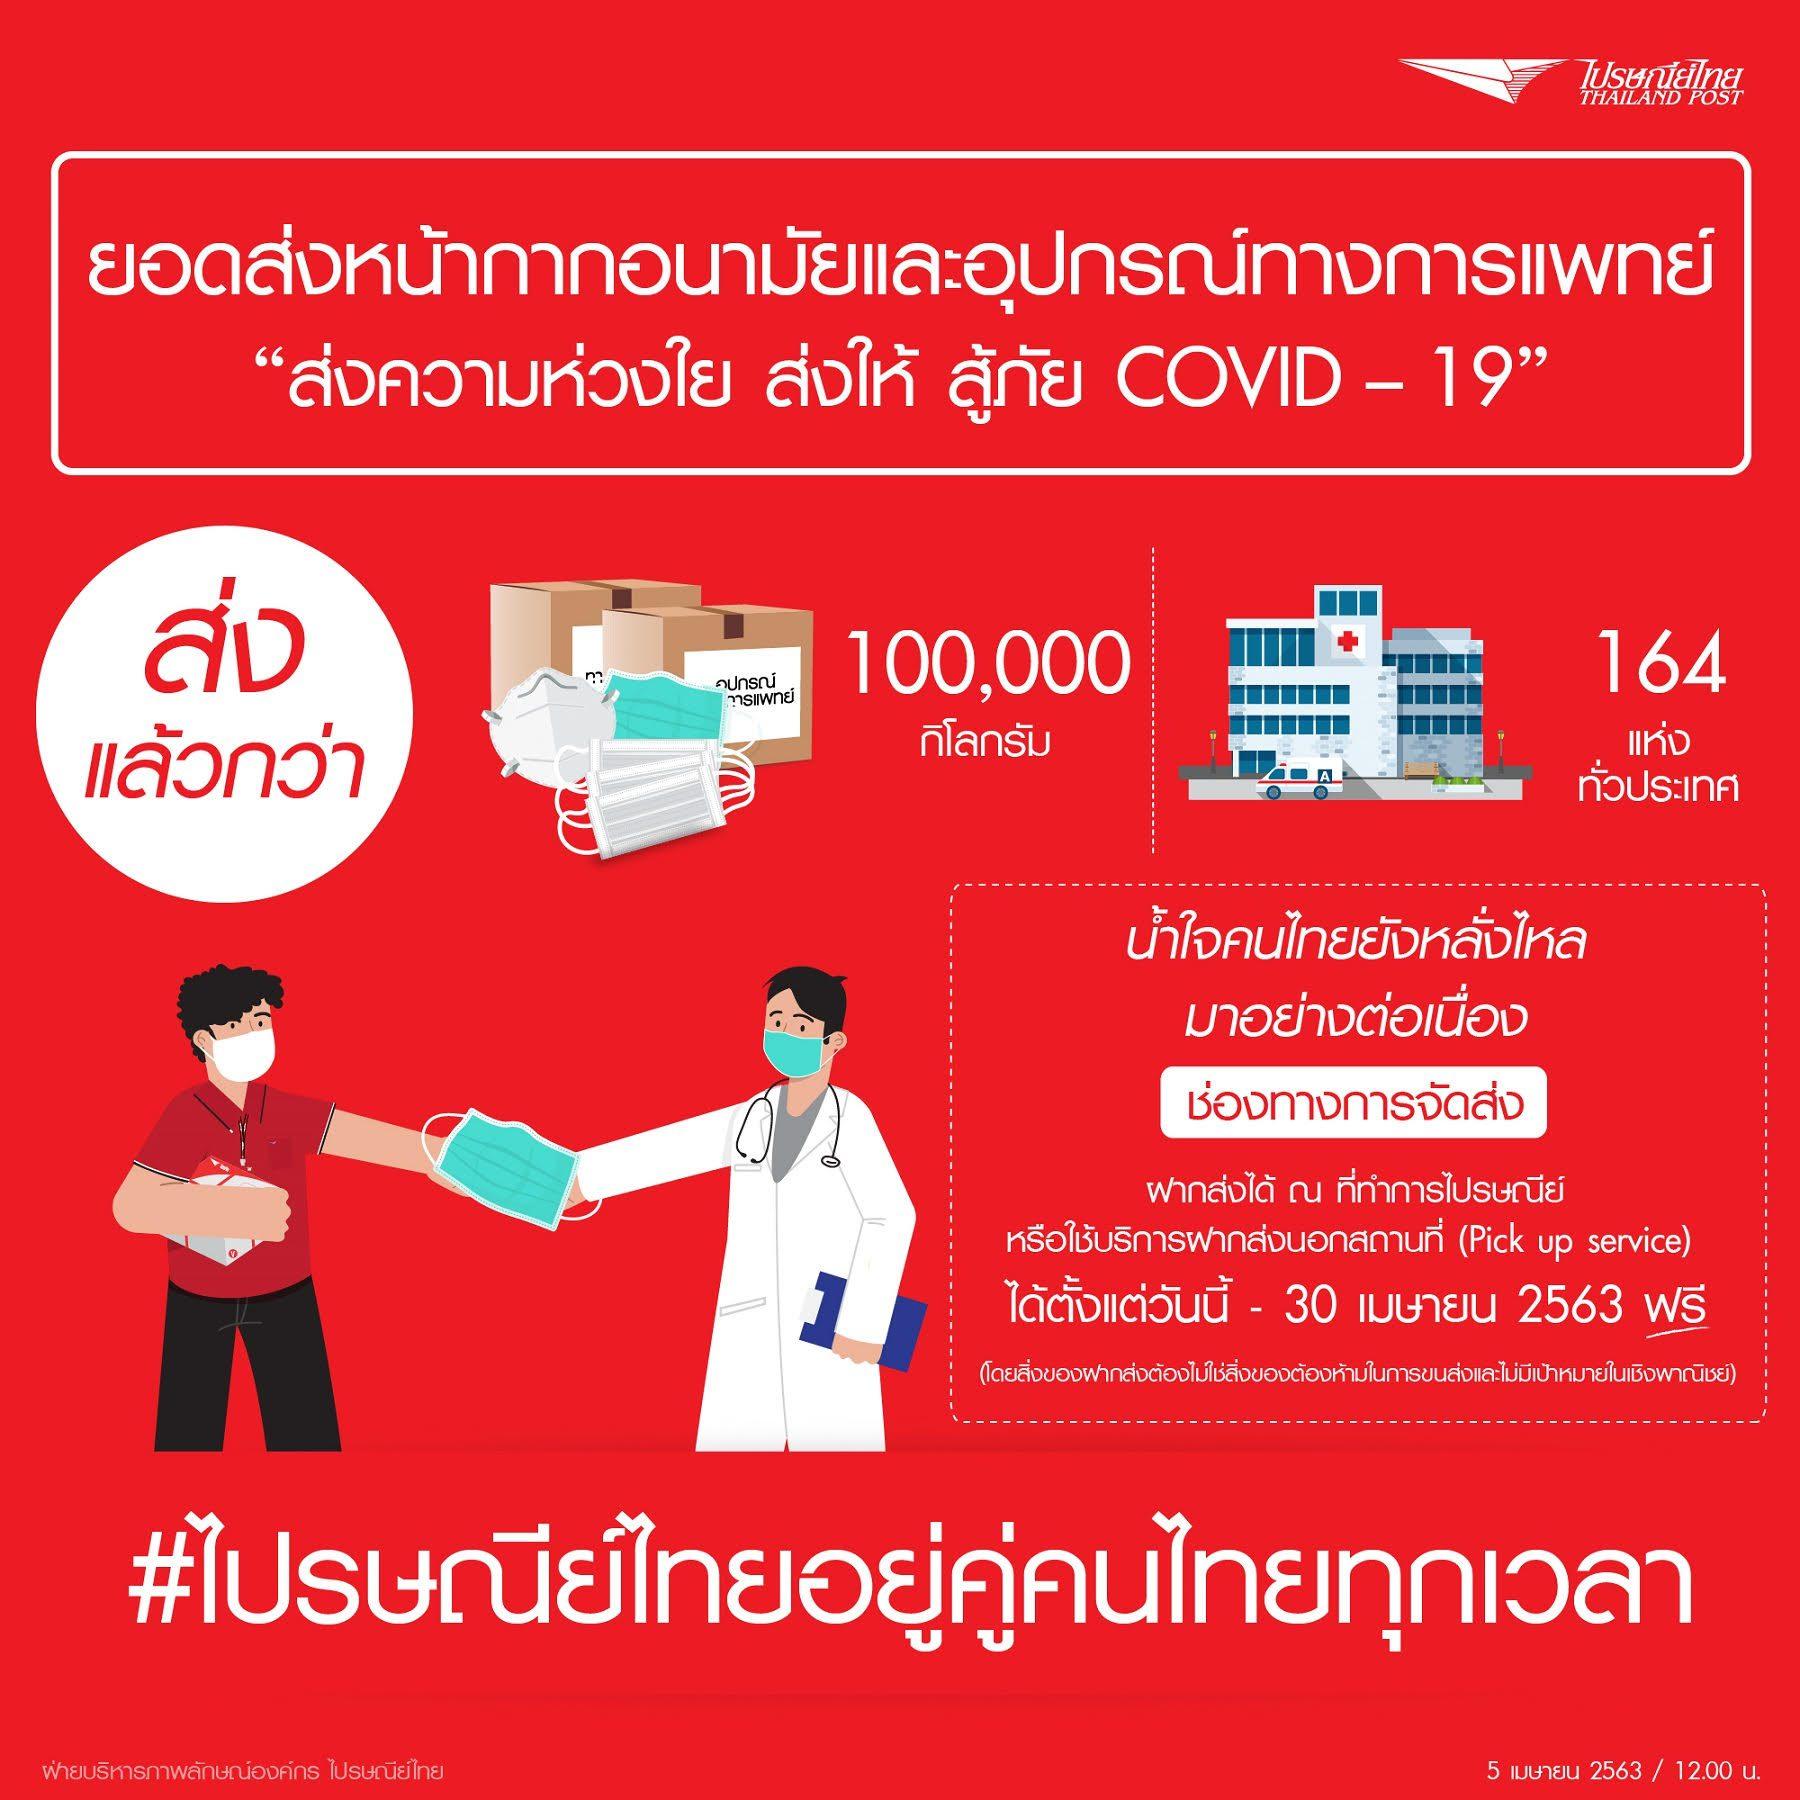 ไปรษณีย์ไทย อาสาหน่วยงานรัฐร่วมส่งต่อความห่วงใยถึงทีมแพทย์ เผยส่งหน้ากากอนามัยถึงมือหมอทุกชิ้น